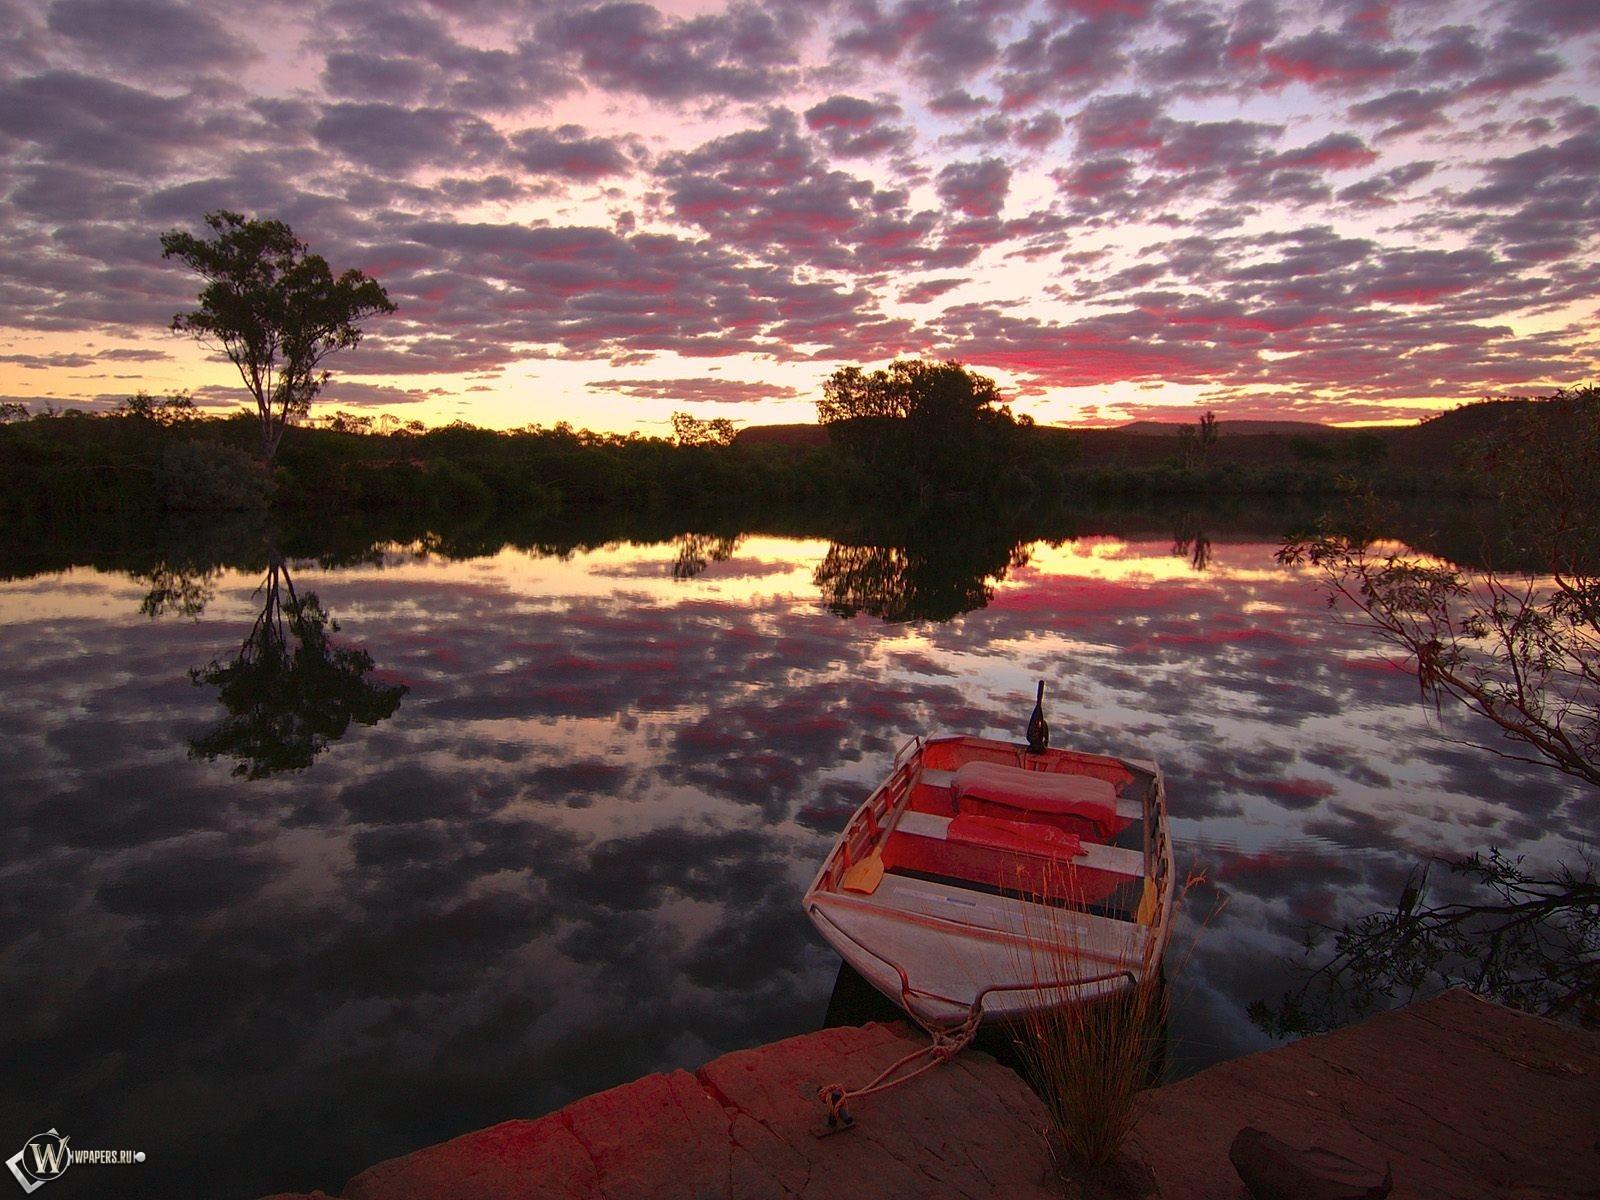 Лодка на фоне заката 1600x1200